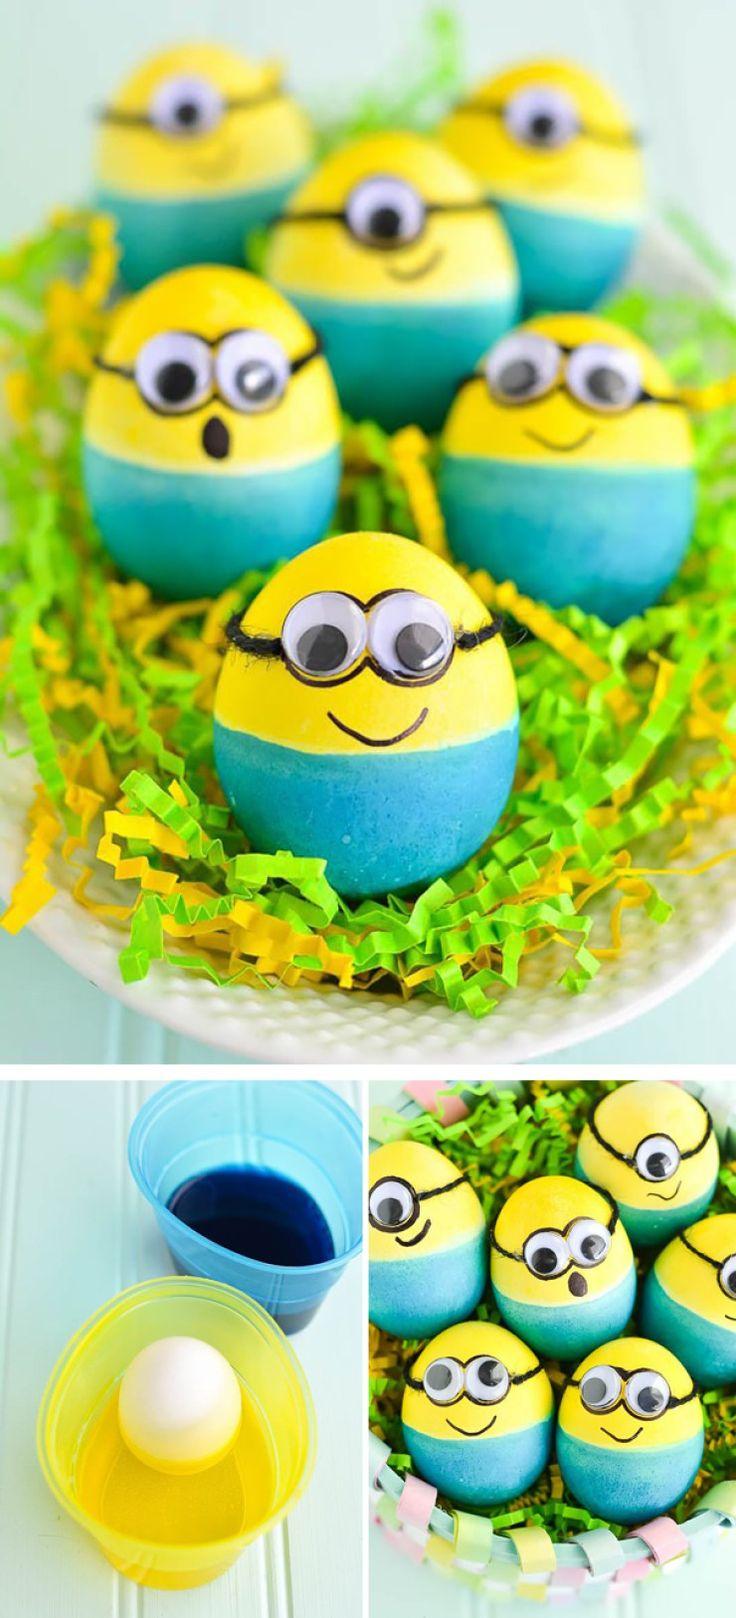 A húsvéti ünnepek fényt és örömöt hoznak az életünkbe, mindenki azon igyekszik, hogy az ünnepi asztalra minél több finomság kerüljön. A húsvét legfontosabb jelképe a[...]